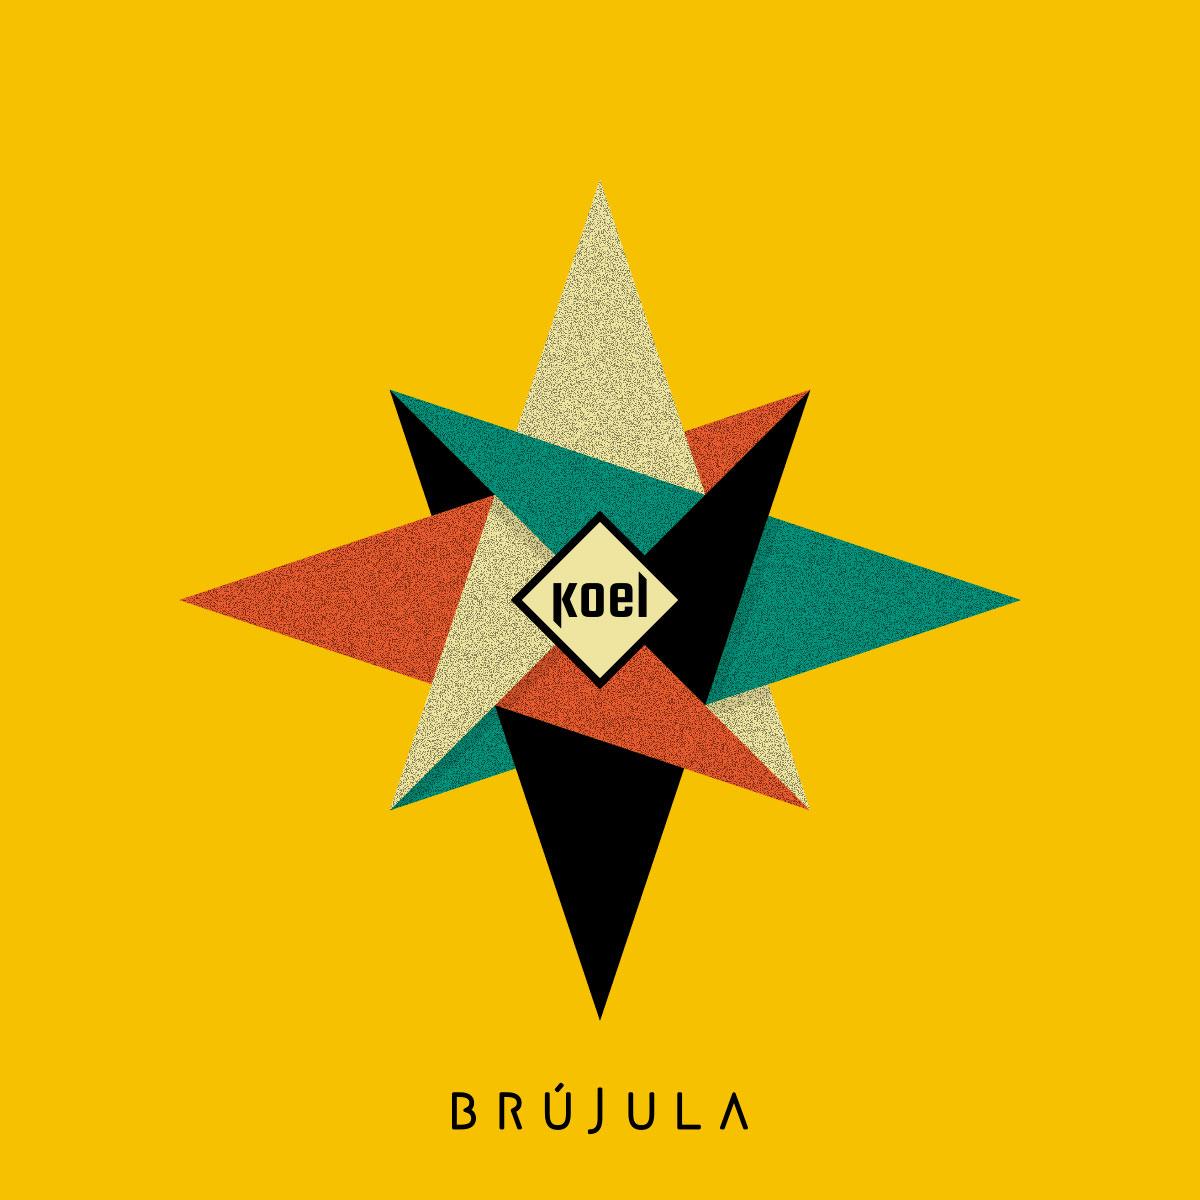 Koel-Portada-Brujula.jpg